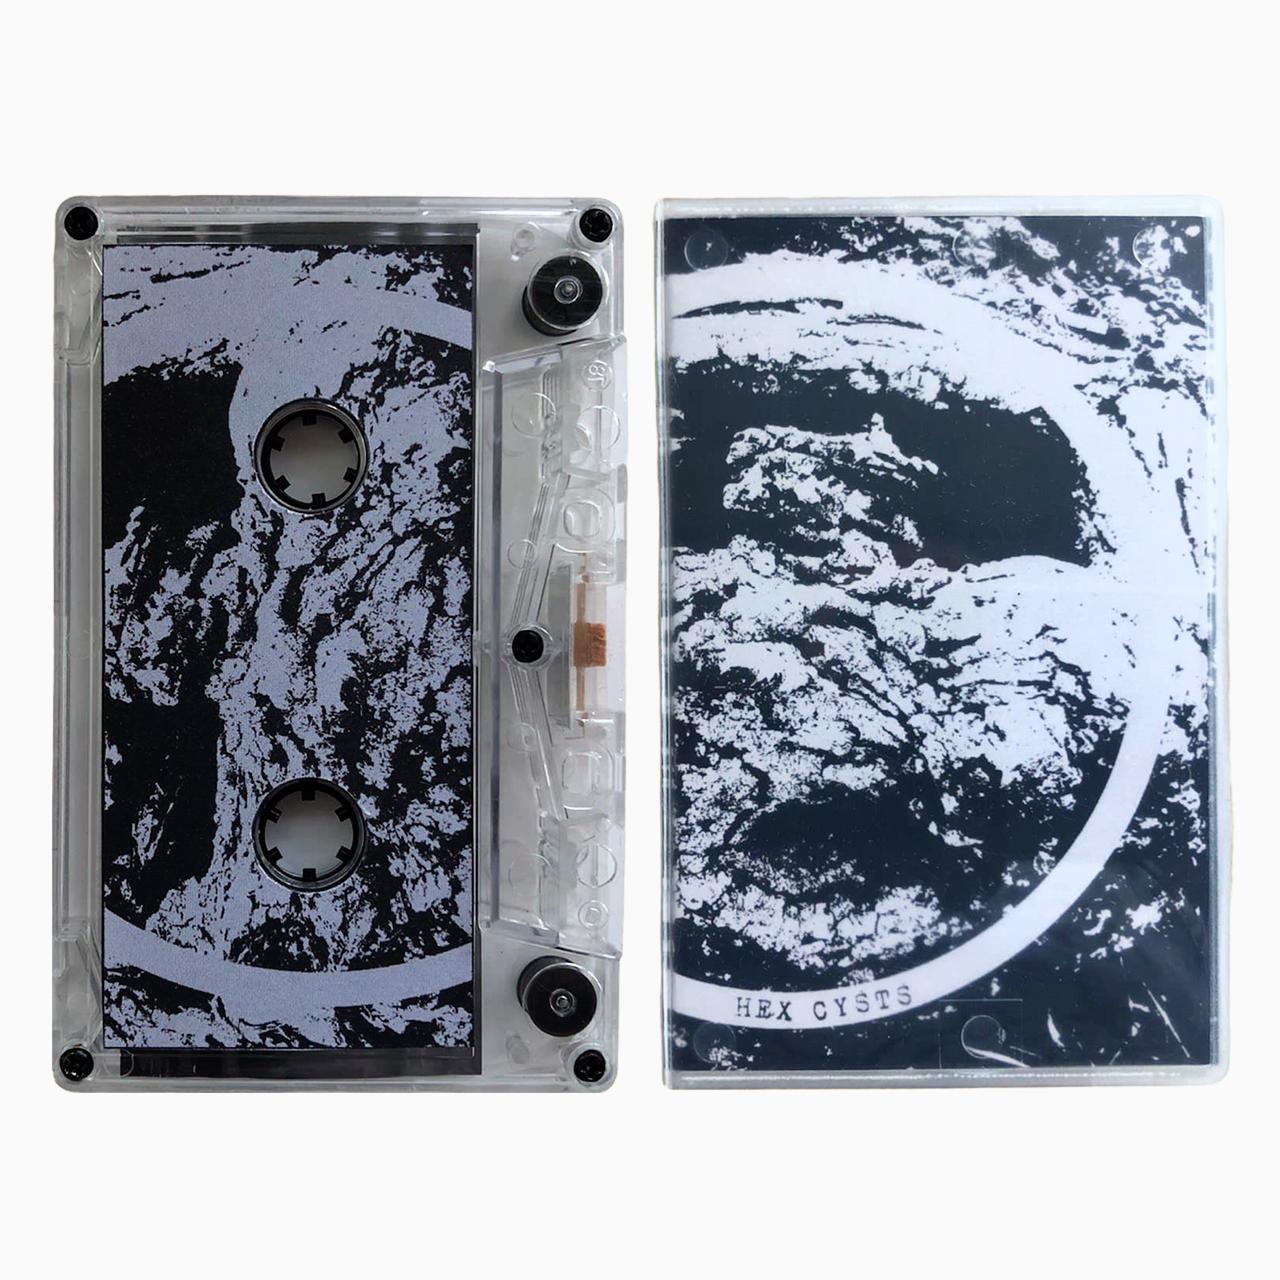 Hex Cysts 'S/T' cassette